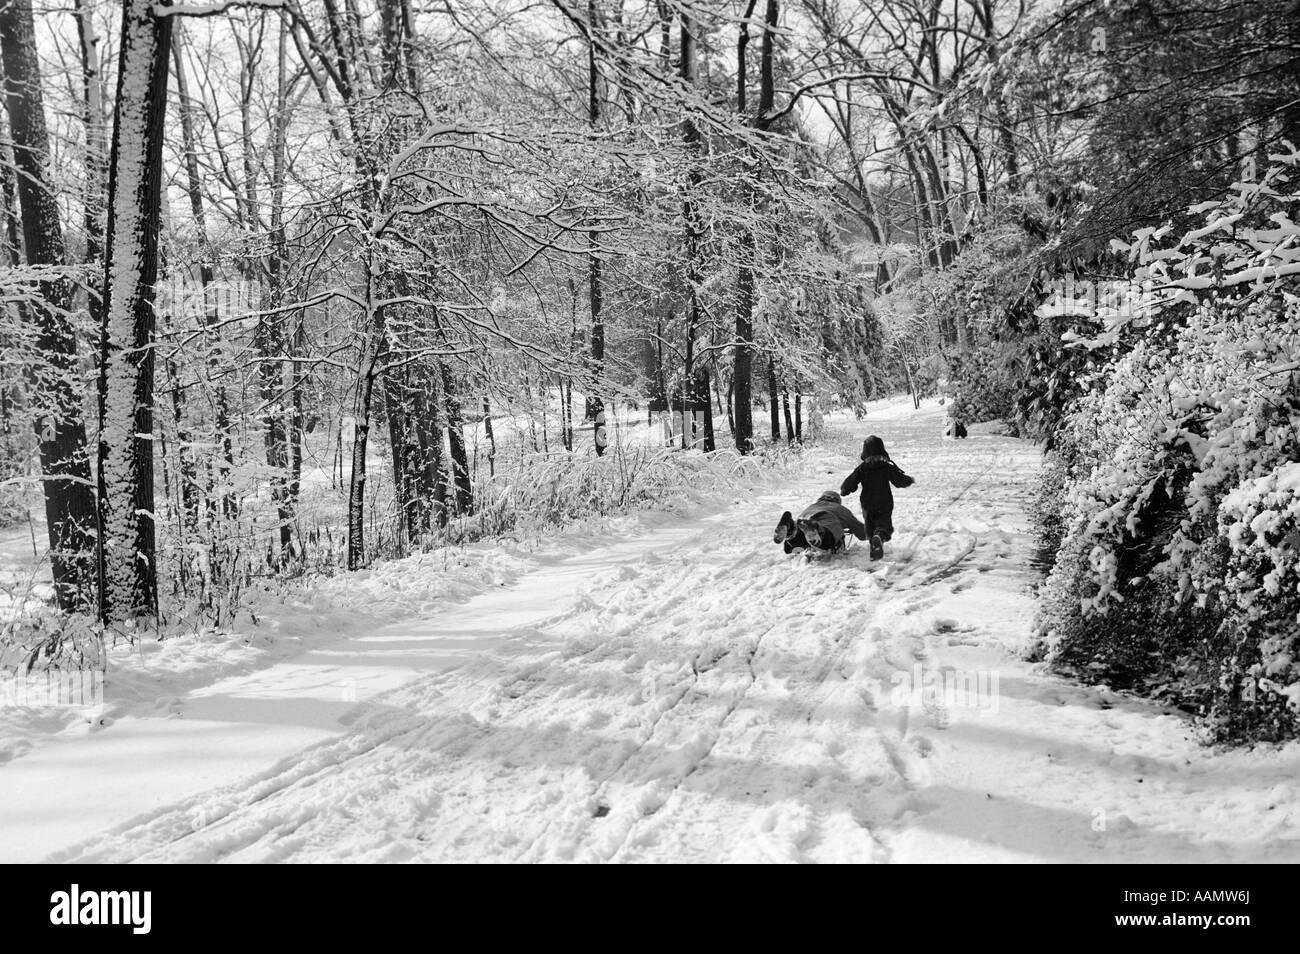 Sledding in bianco e nero Immagini Stock Immagini - Alamy-2708